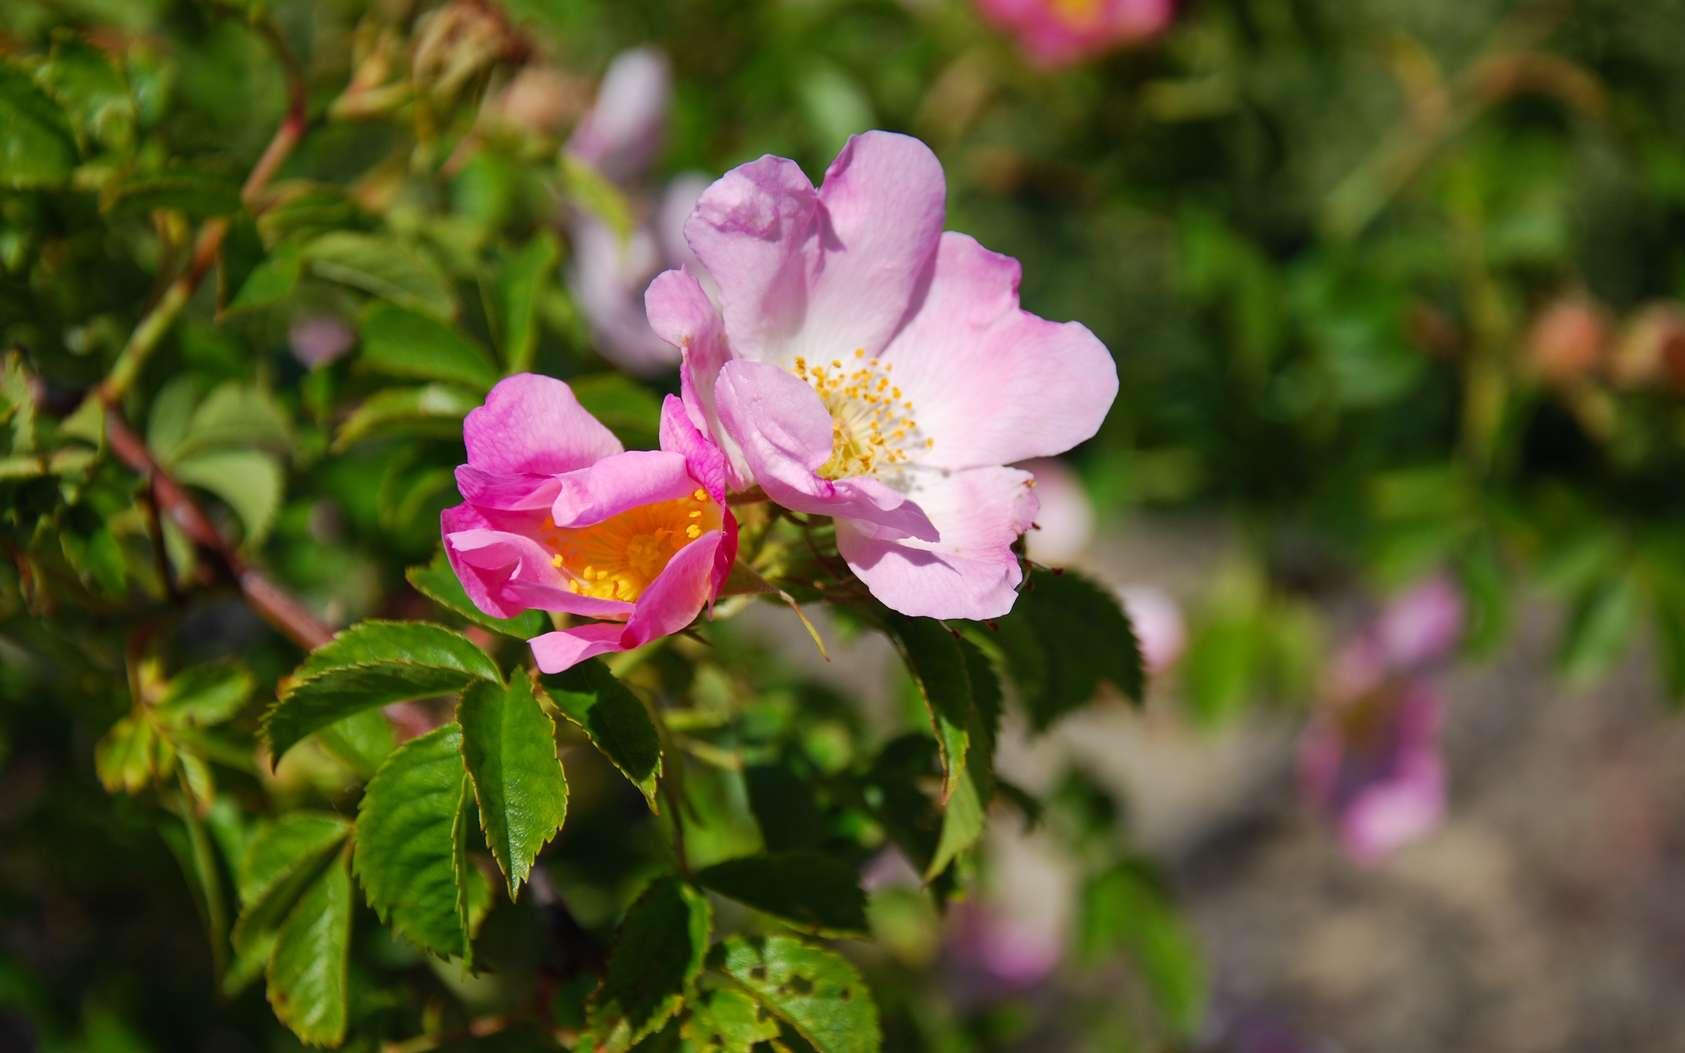 L'églantier ou rosier sauvage est riche en vitamine C. © Birgitta, fotolia